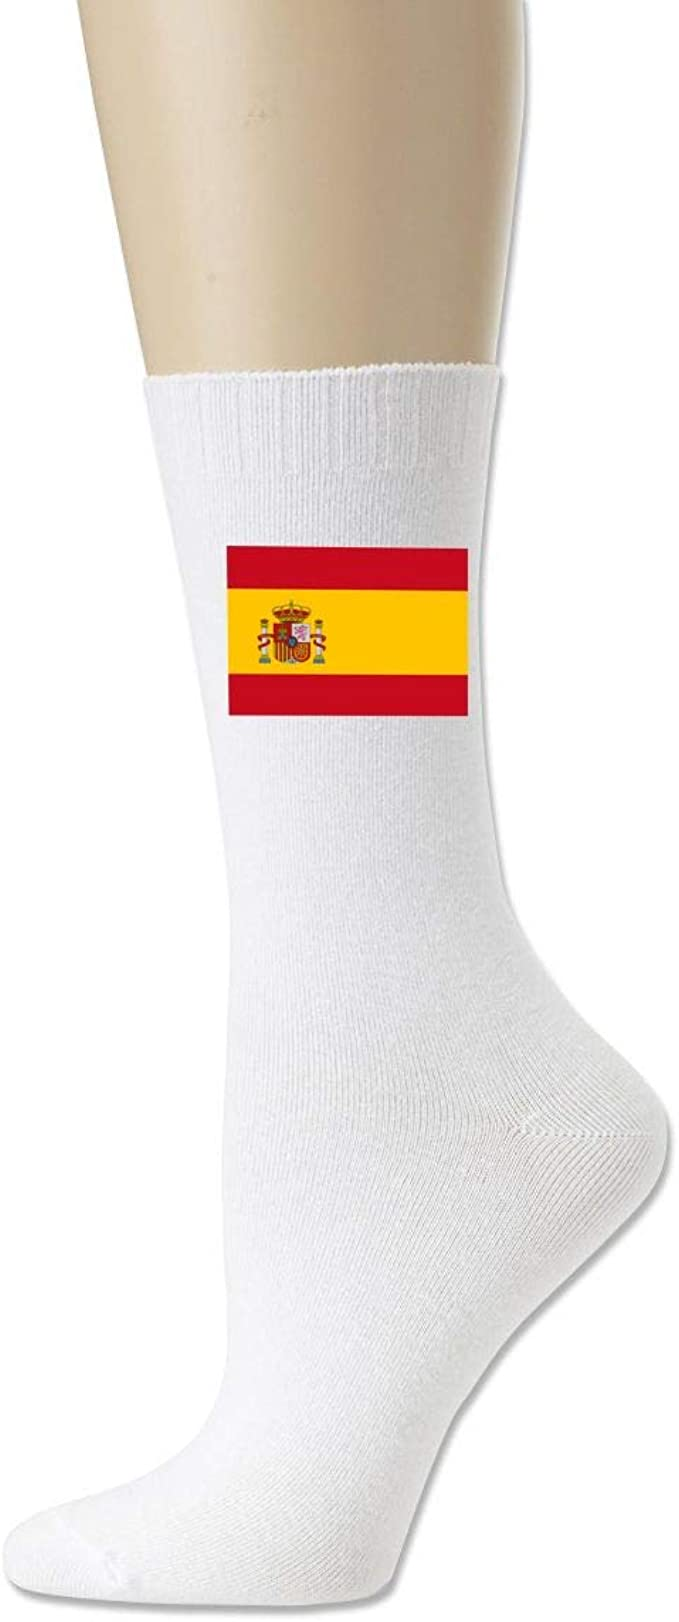 90ioup - Calcetines unisex de algodón, diseño de la bandera de ...